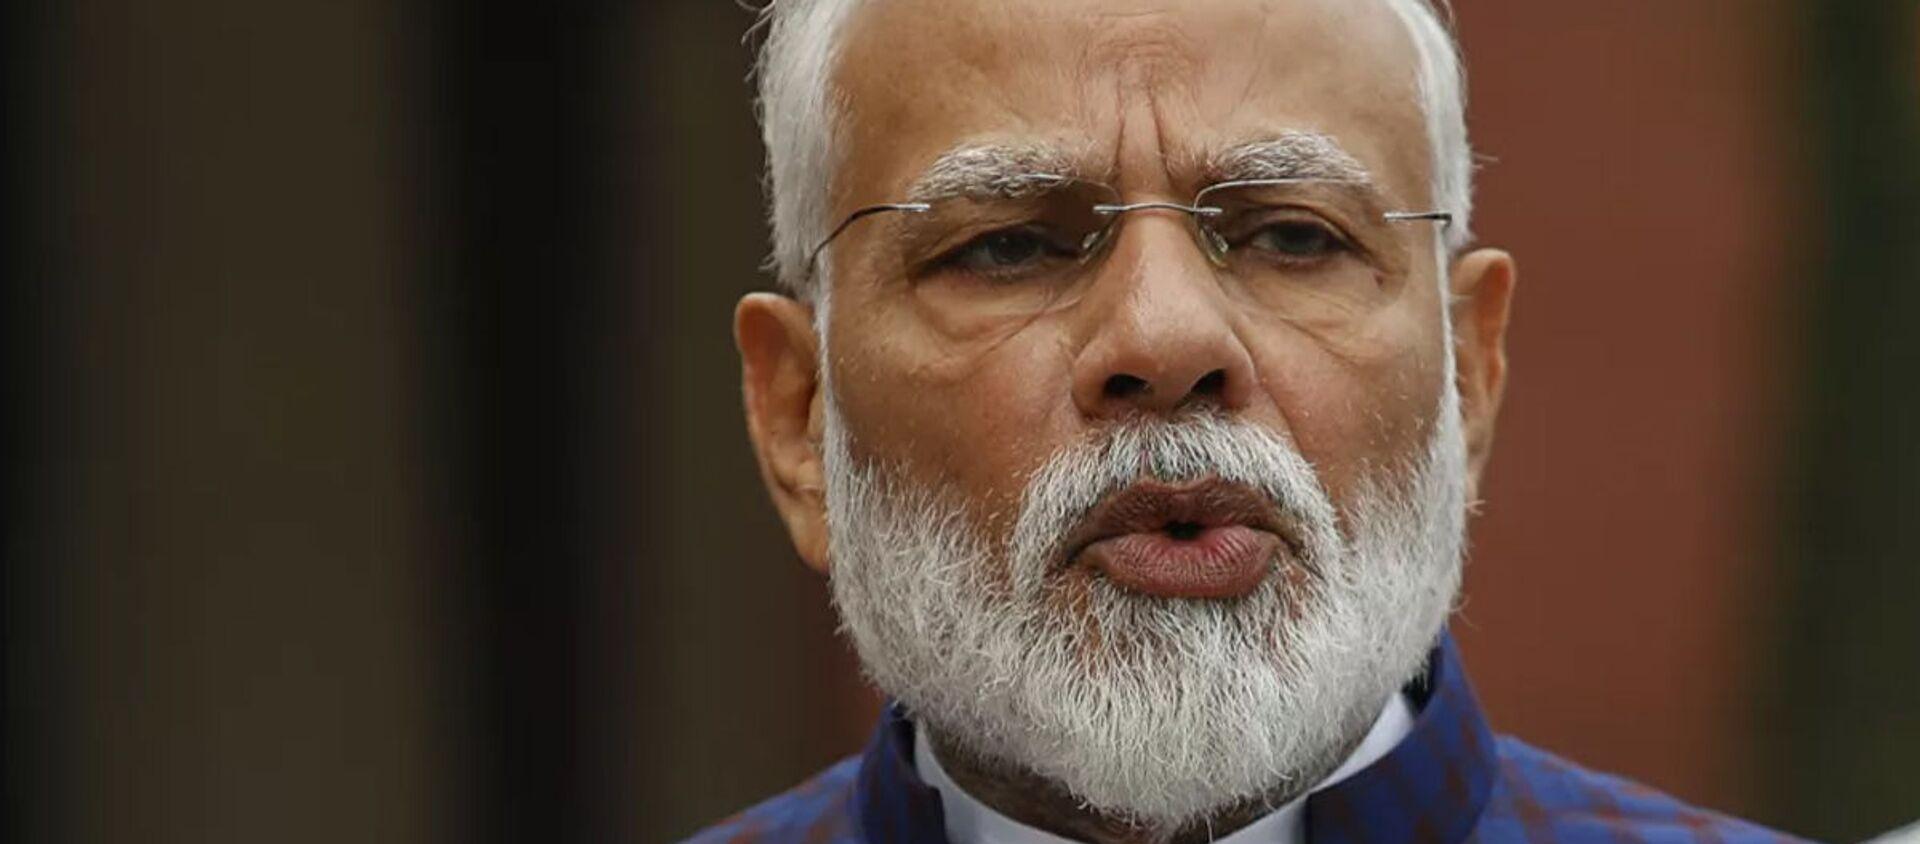 Tổng thống Ấn Độ Narendra Modi - Sputnik Việt Nam, 1920, 02.02.2021